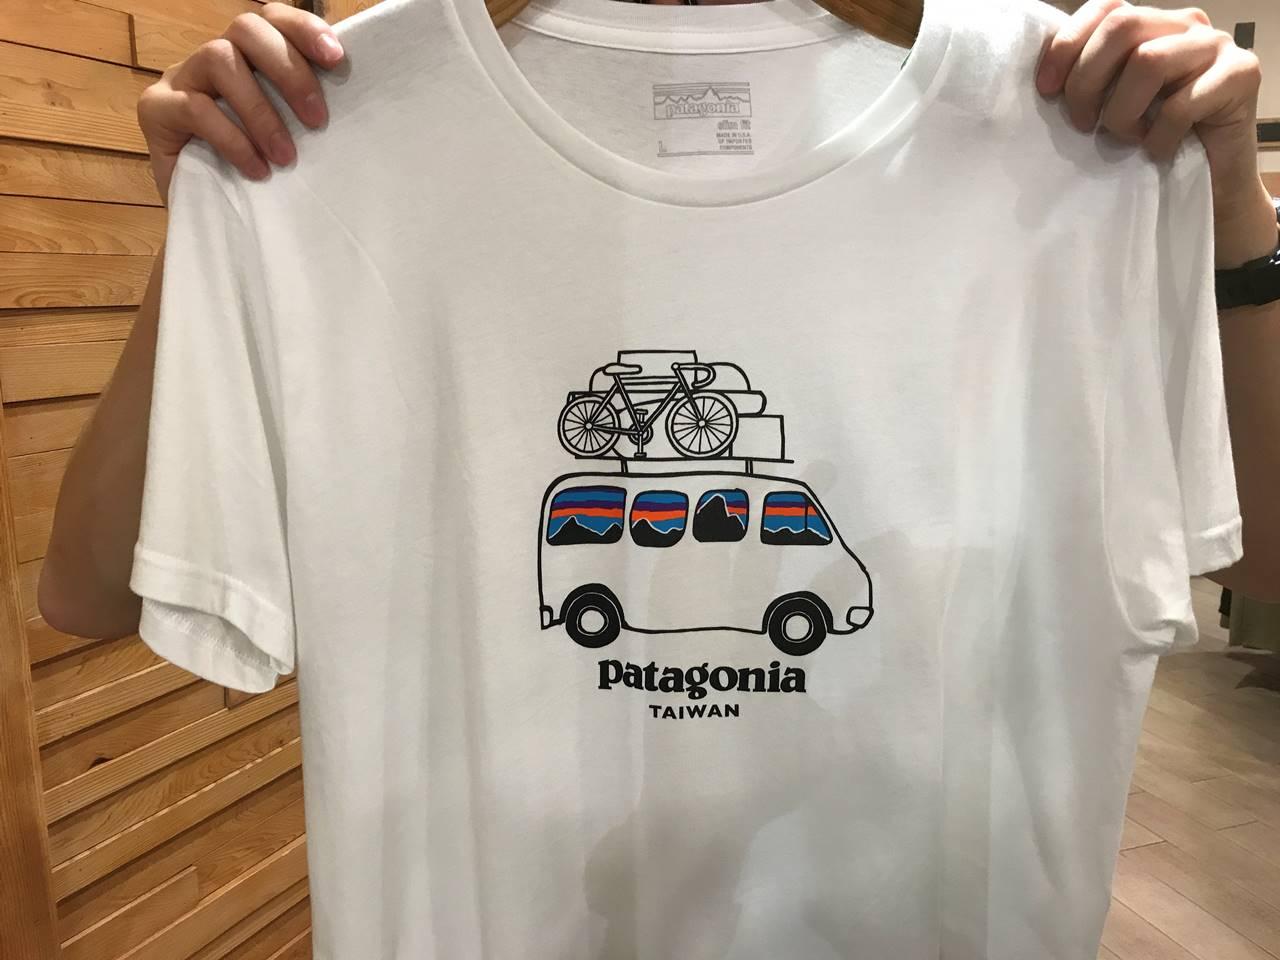 台湾・台北 パタゴニアTシャツ